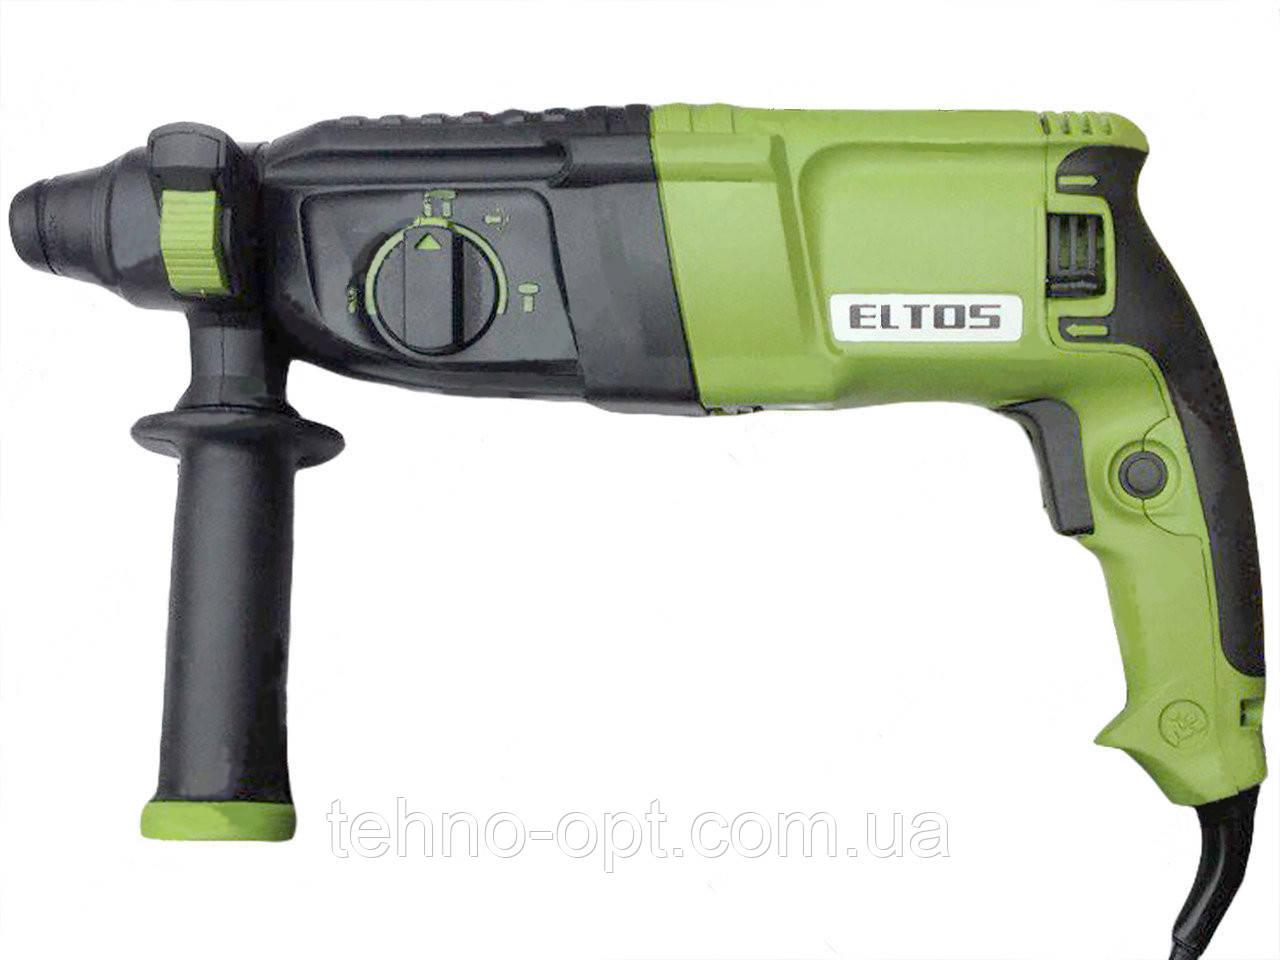 Перфоратор прямой Eltos ПЭ-1050 DFR патрон